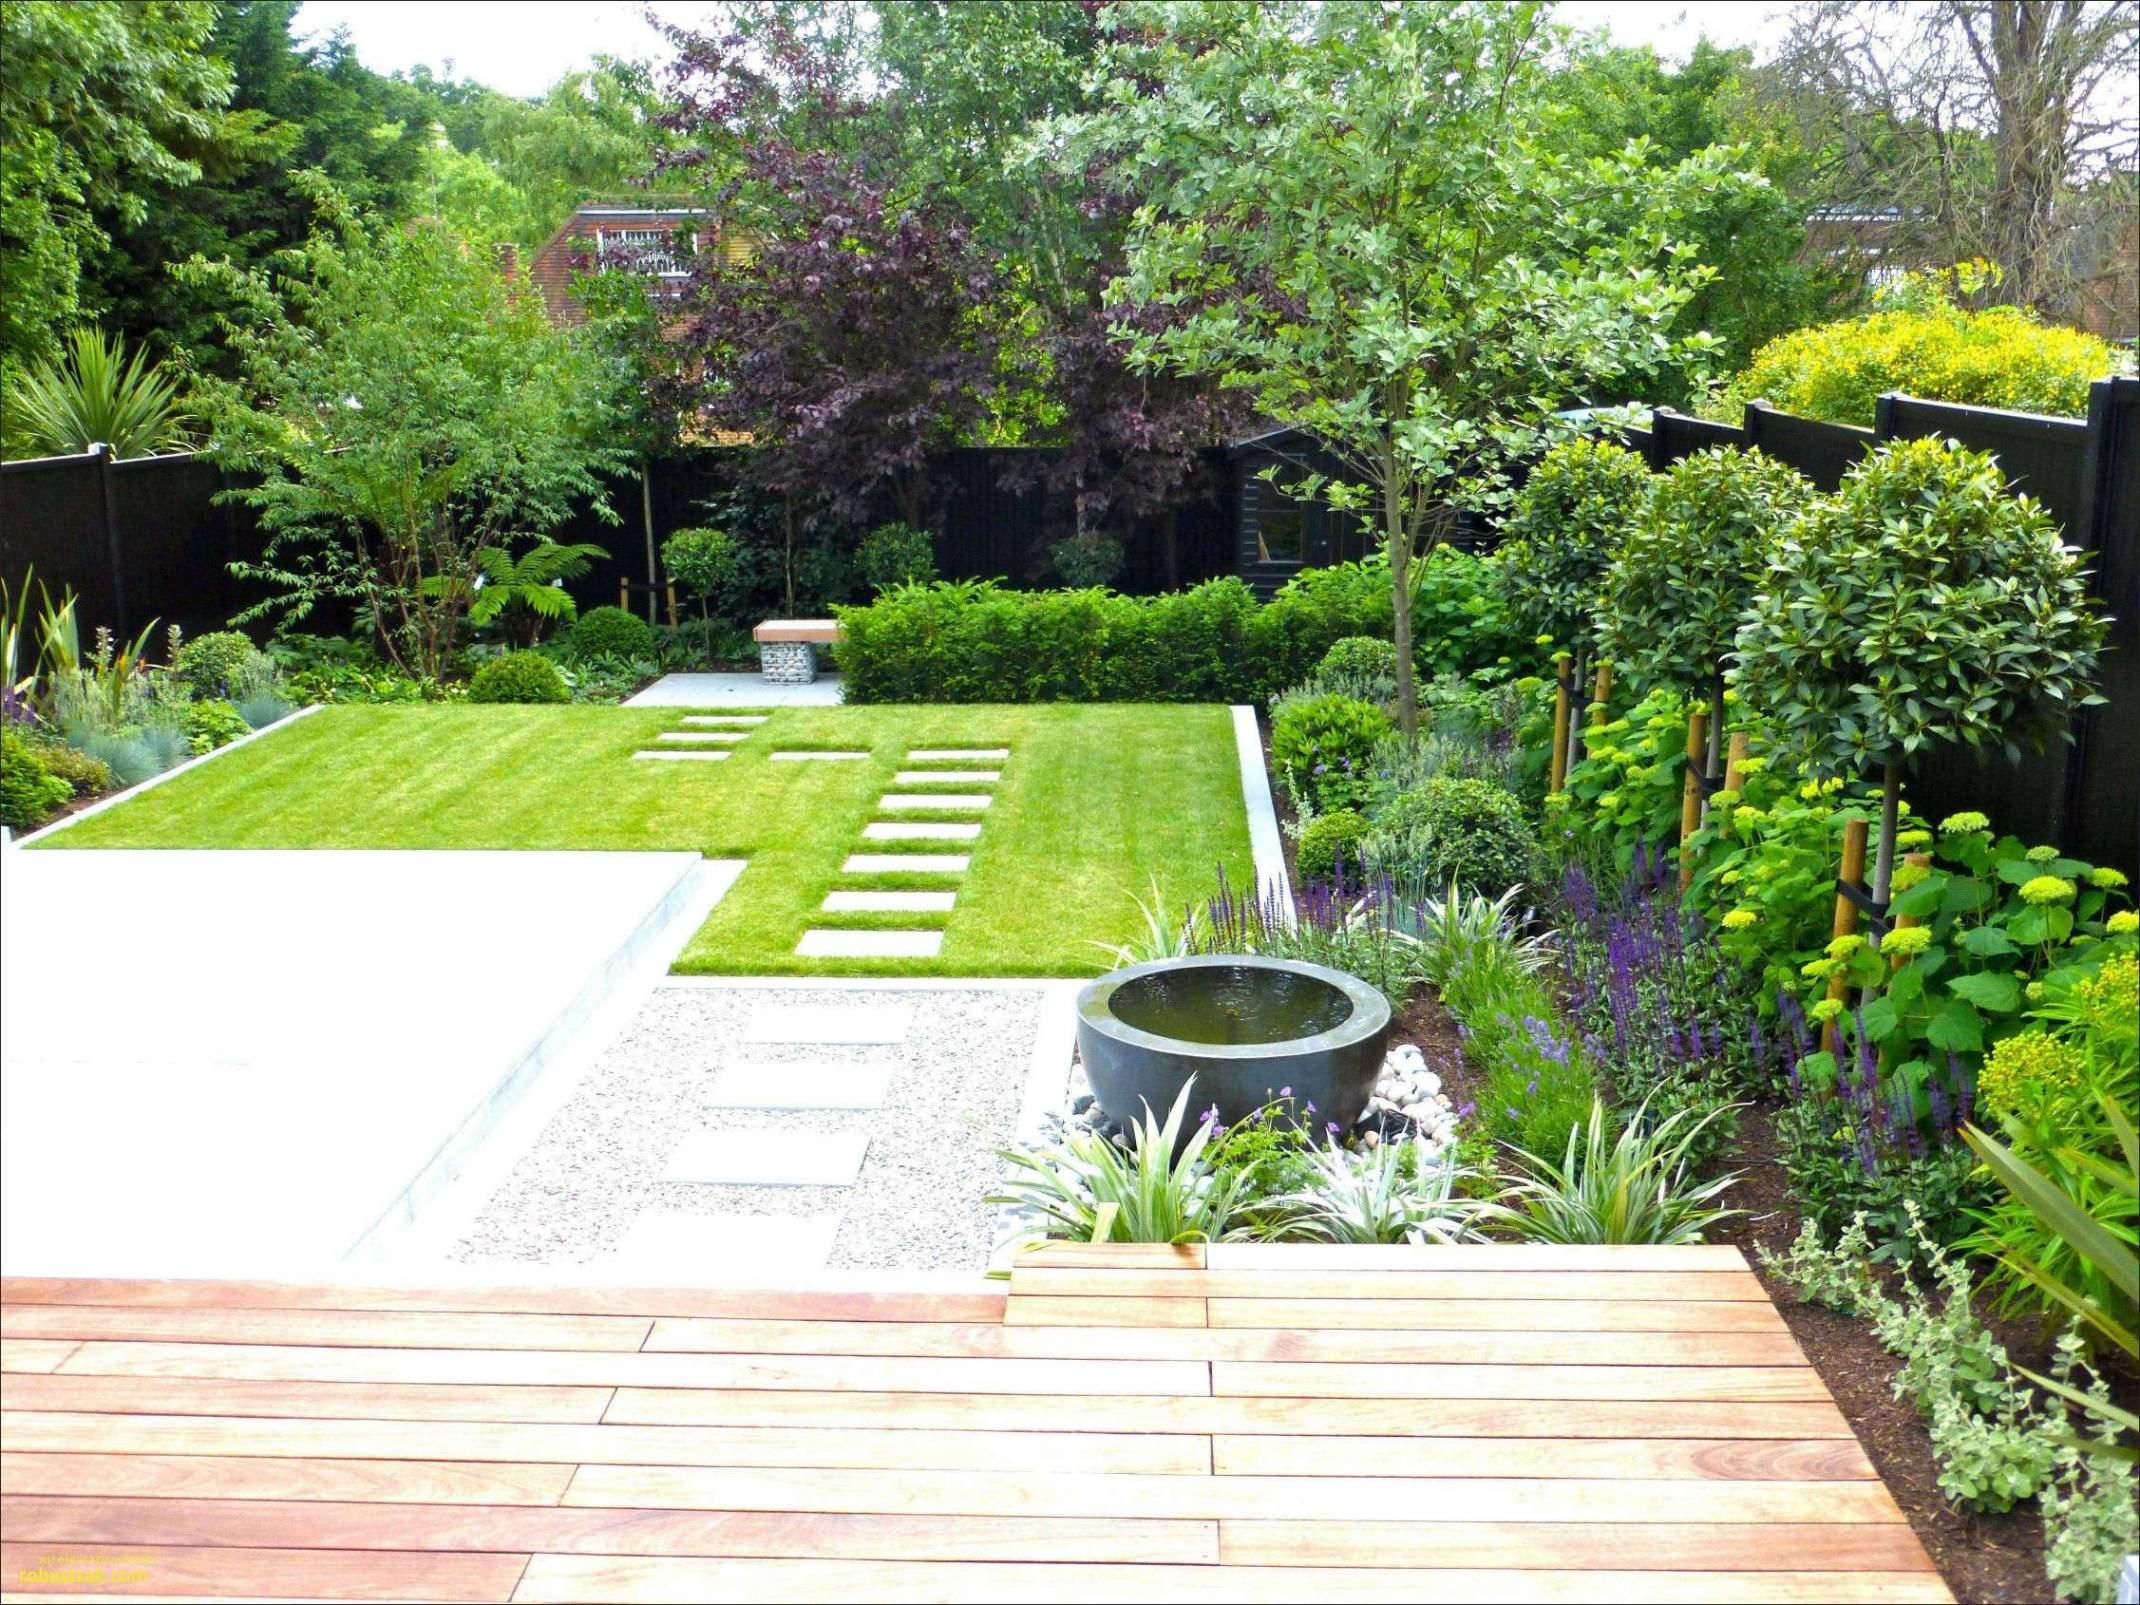 Sichtschutz Garten Ideen Günstig Best Of 25 Einzigartig Garten Ideen Günstig Genial